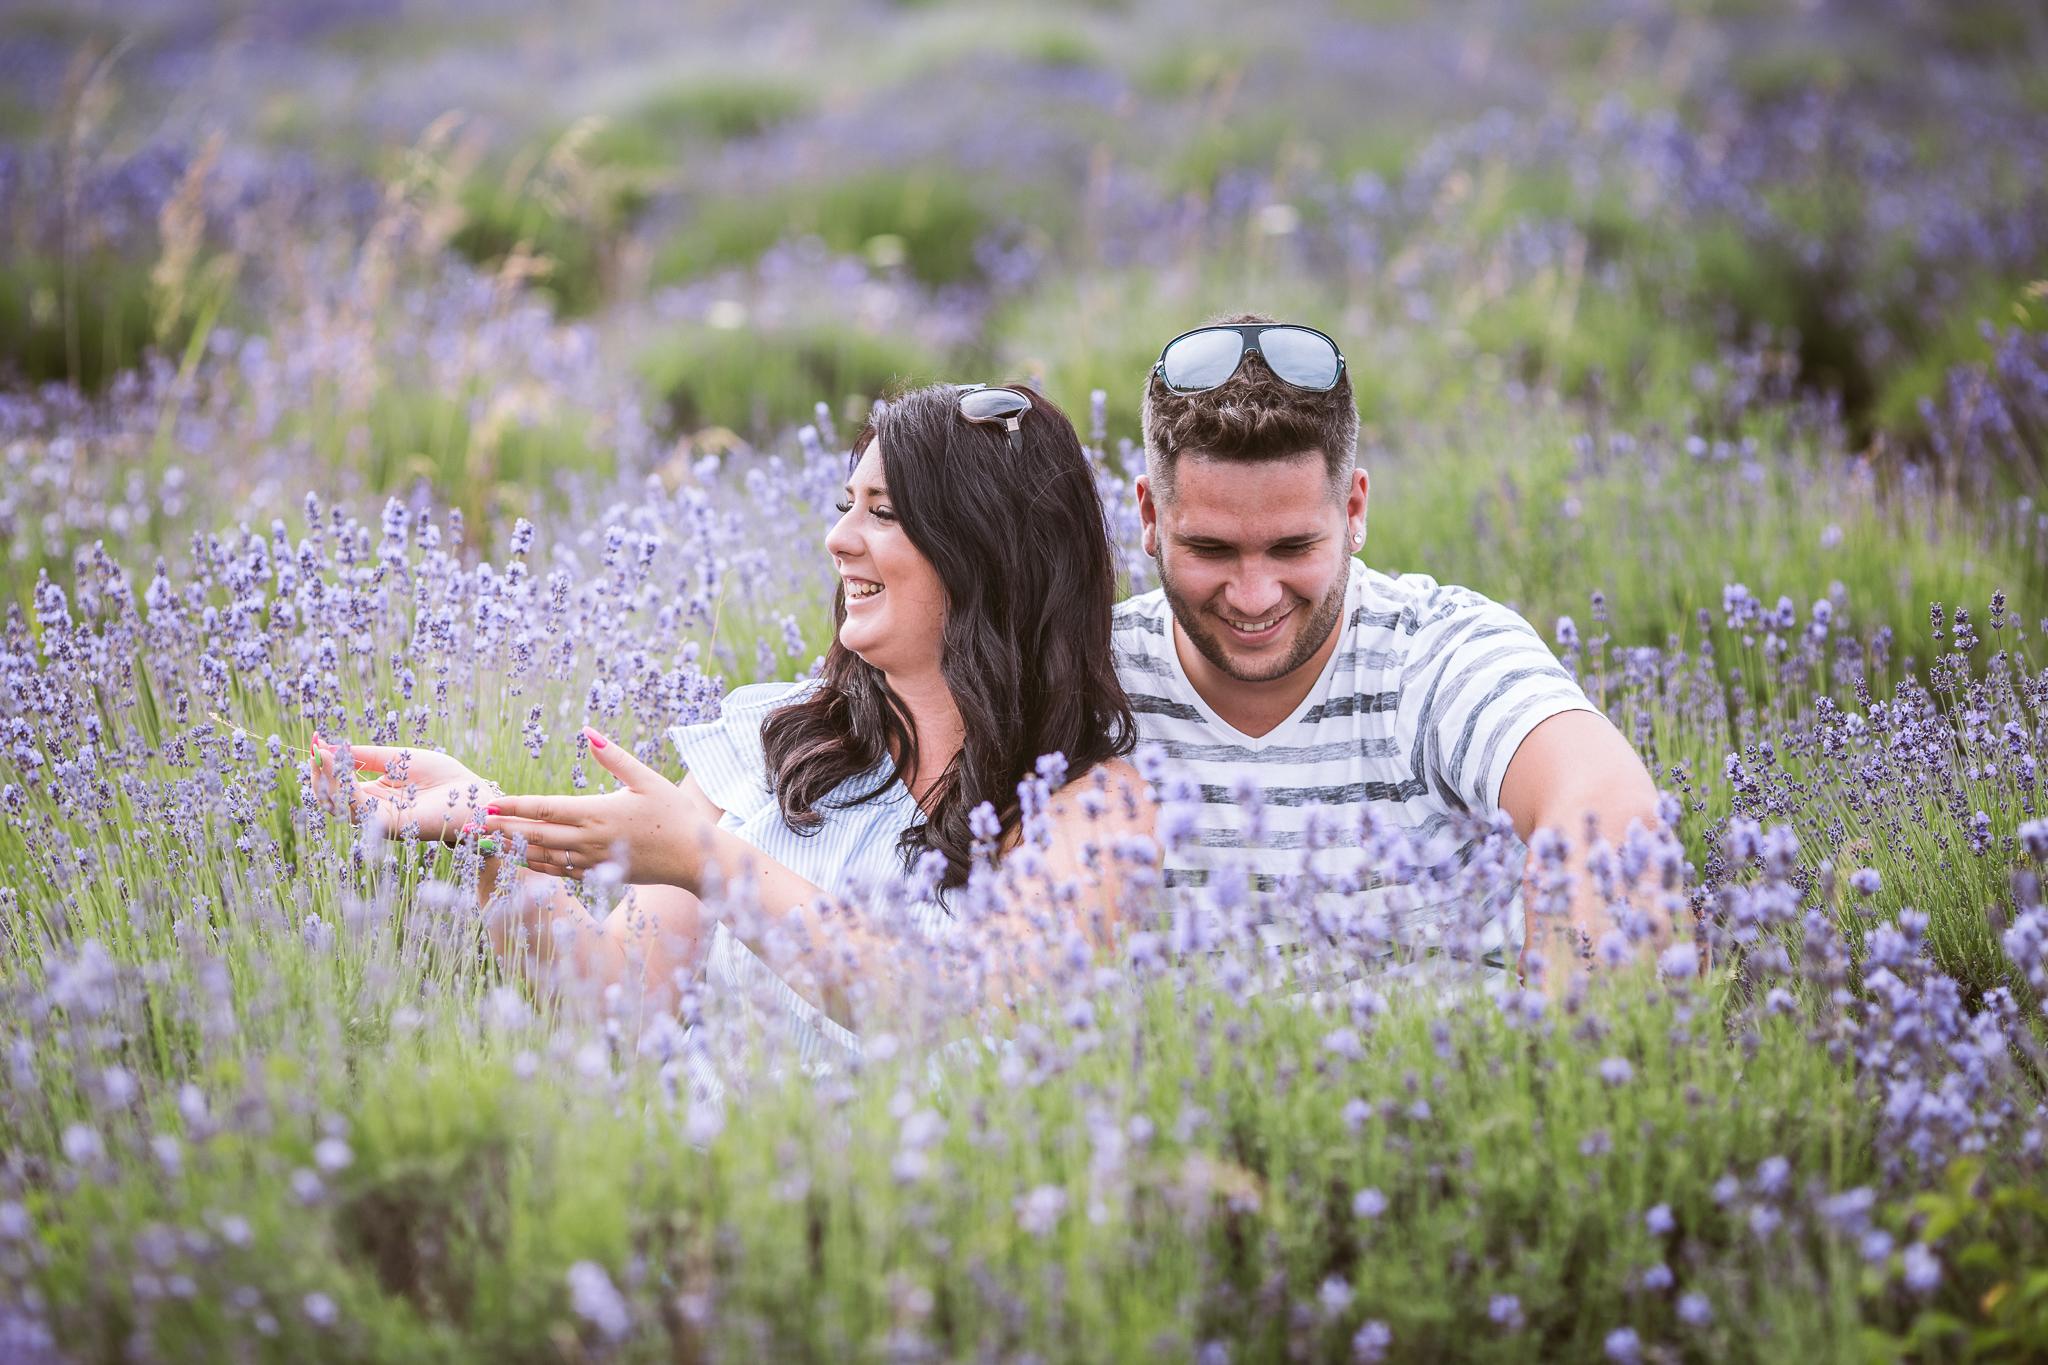 FylepPhoto, esküvőfotózás, magyarország, esküvői fotós, vasmegye, prémium, jegyesfotózás, Fülöp Péter, körmend, kreatív 10.jpg